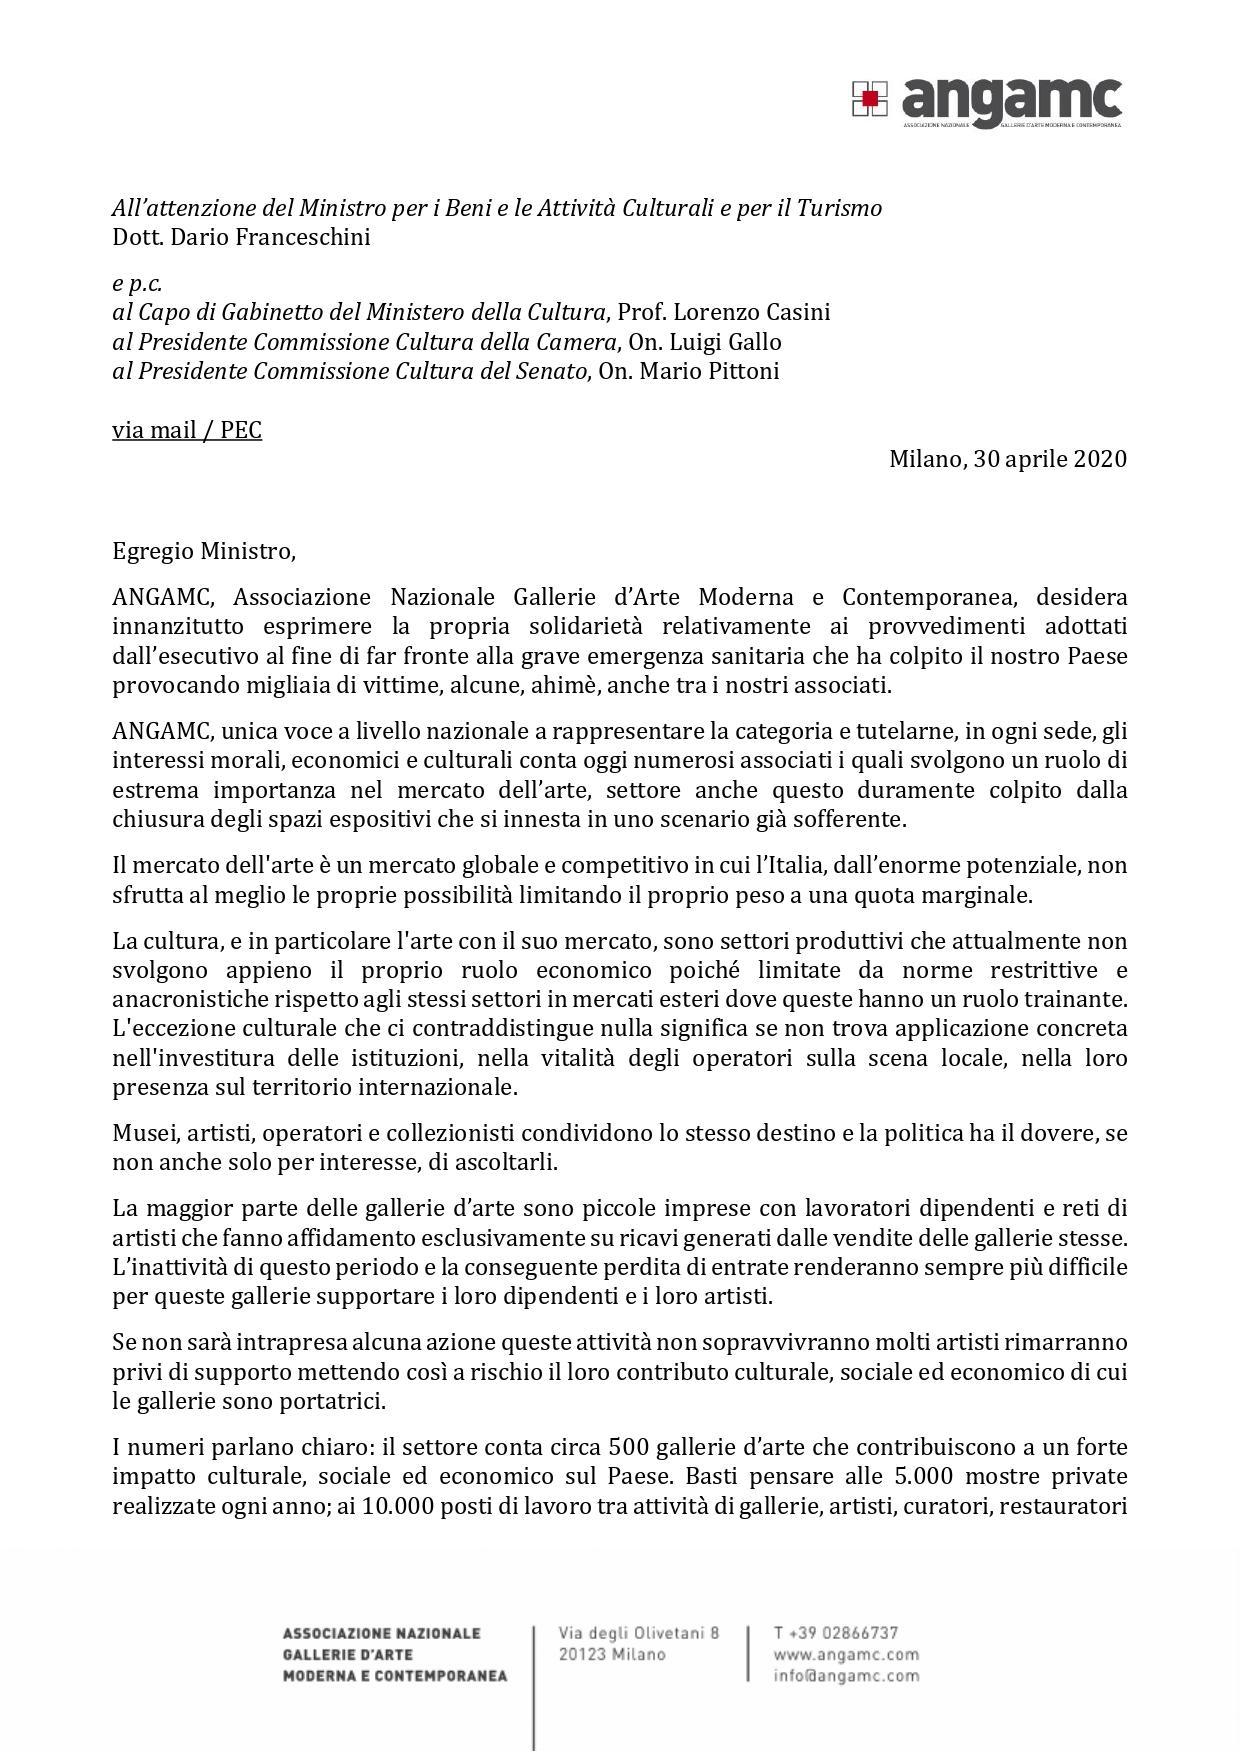 LETTERA AL MINISTRO ON. DARIO FRANCESCHINI